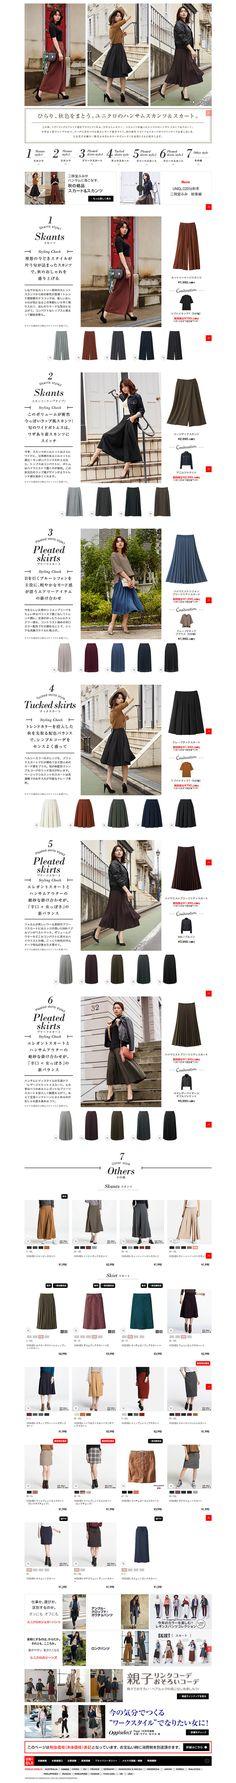 ユニクロのハンサムスカンツ&スカート【ファッション関連】のLPデザイン。WEBデザイナーさん必見!ランディングページのデザイン参考に(キレイ系)